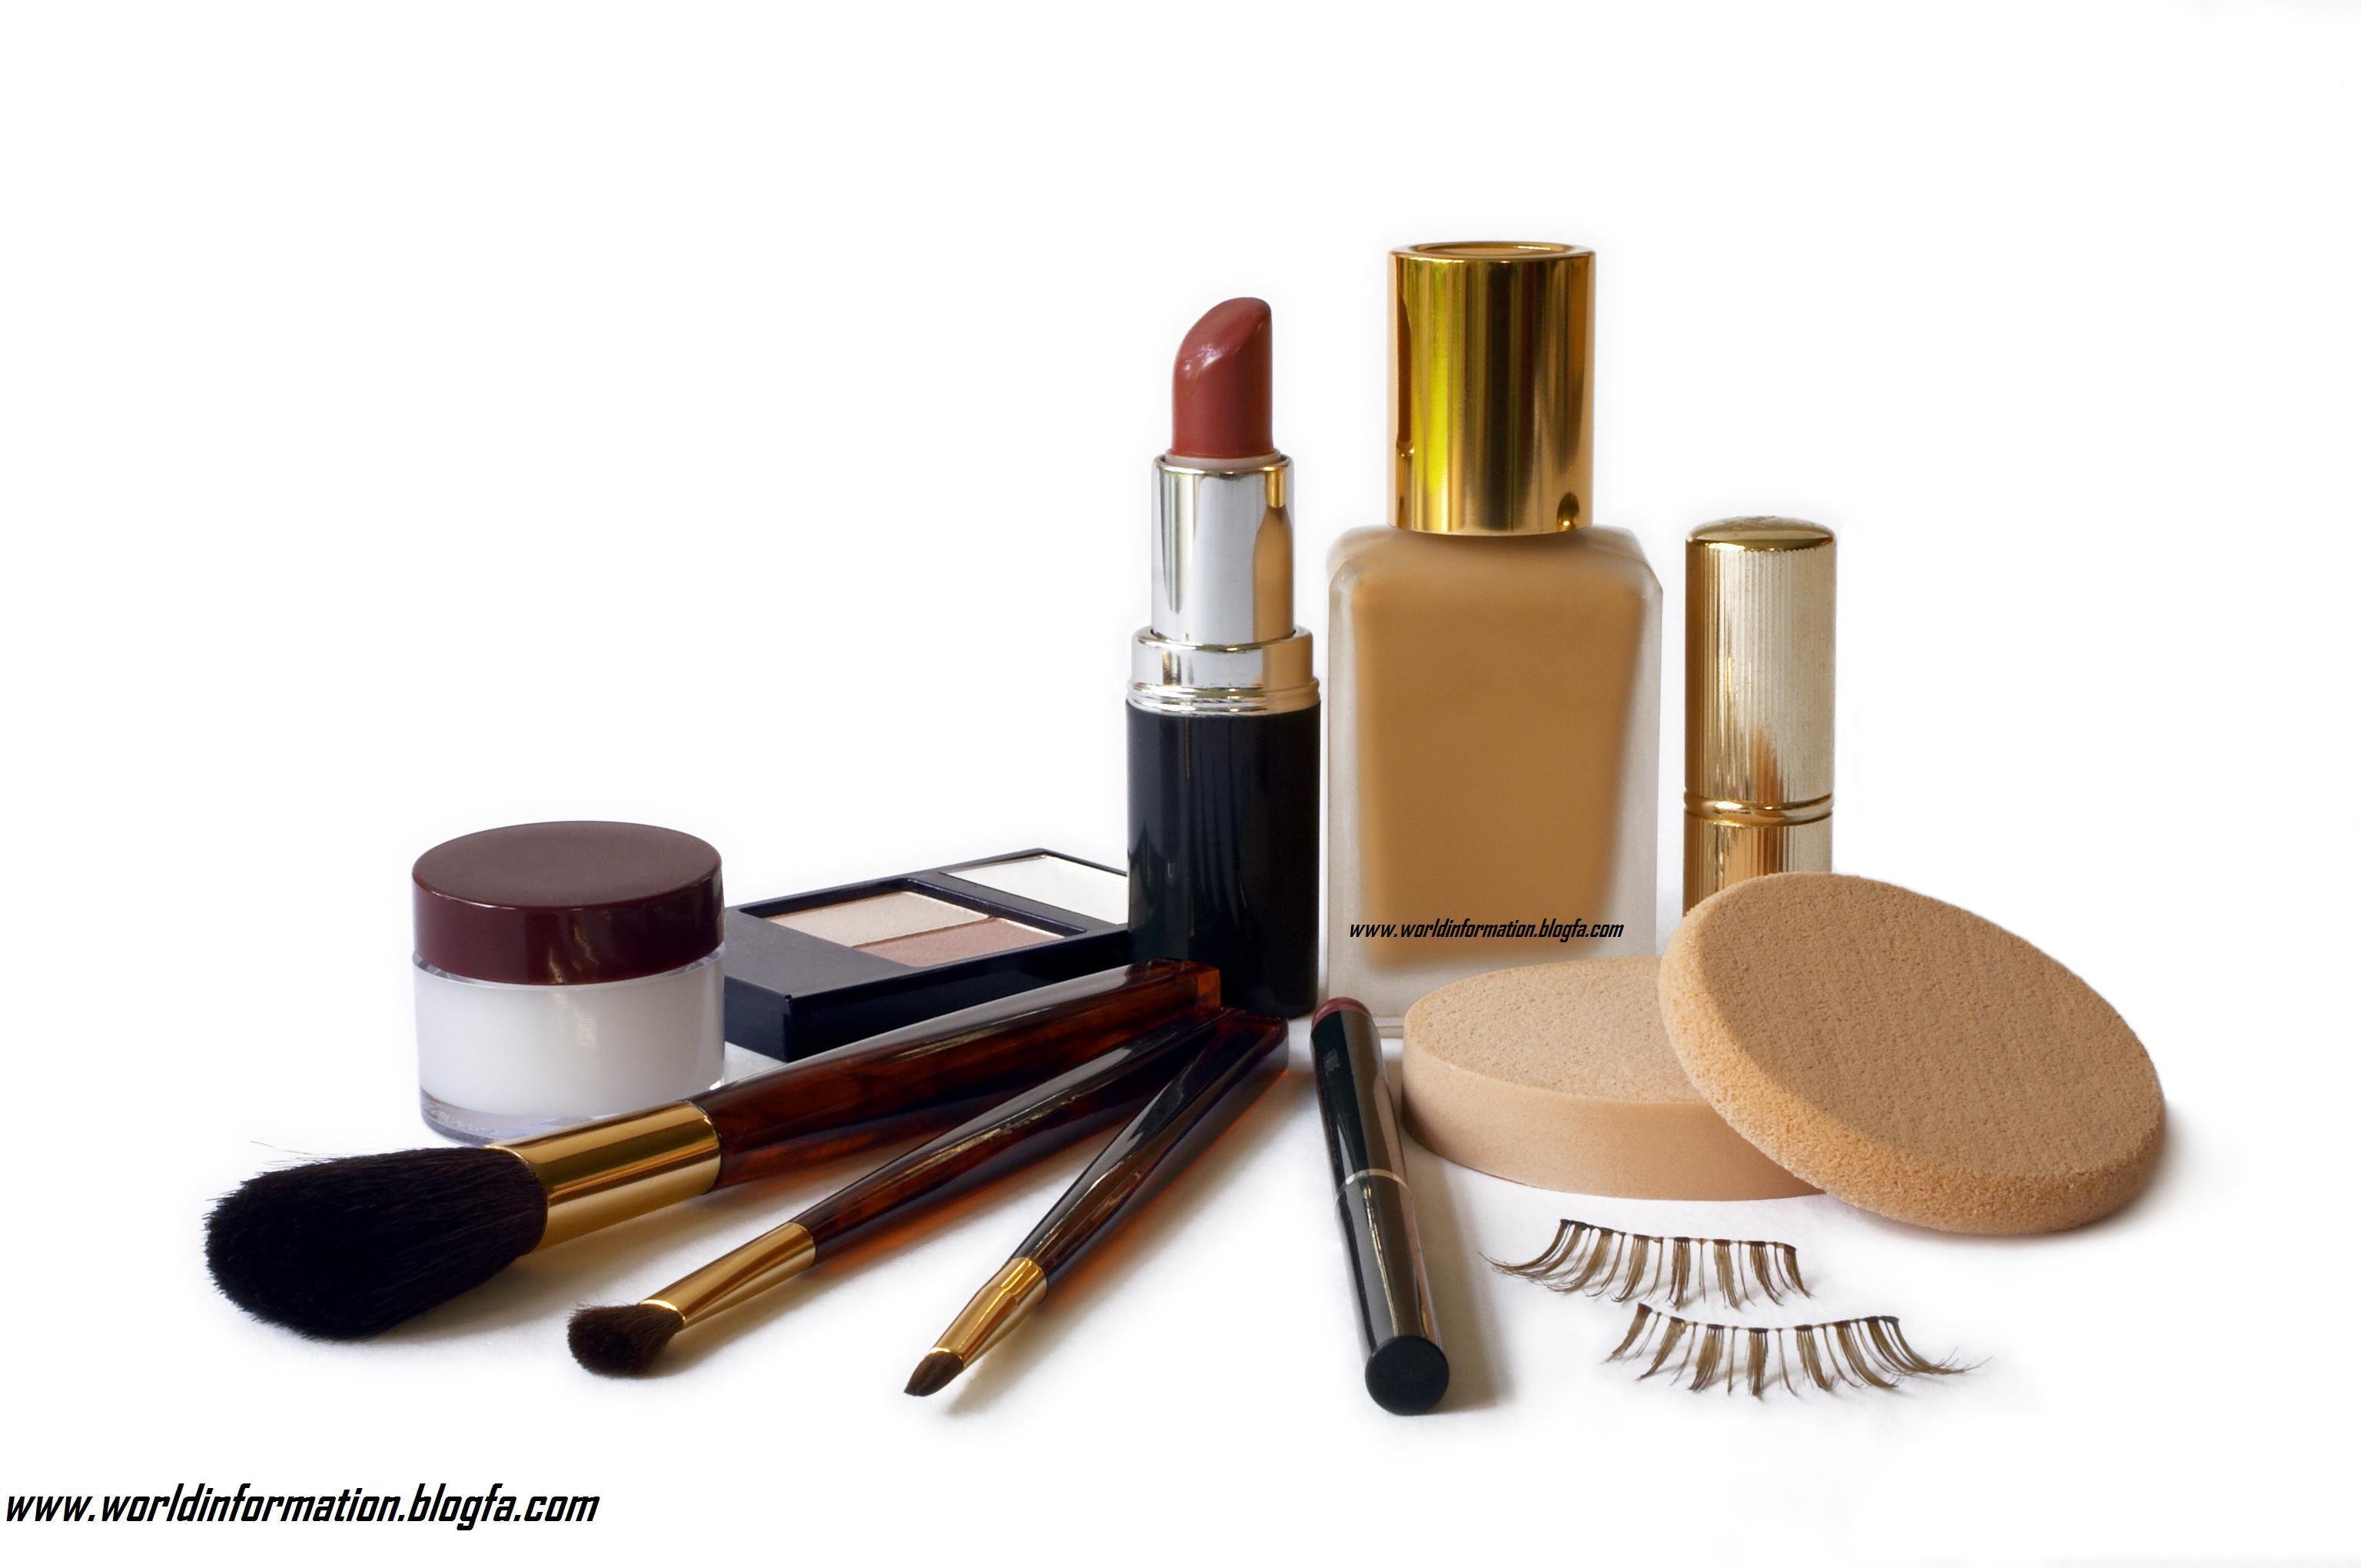 Набор косметики для макияжа - профессиональный и базовый \